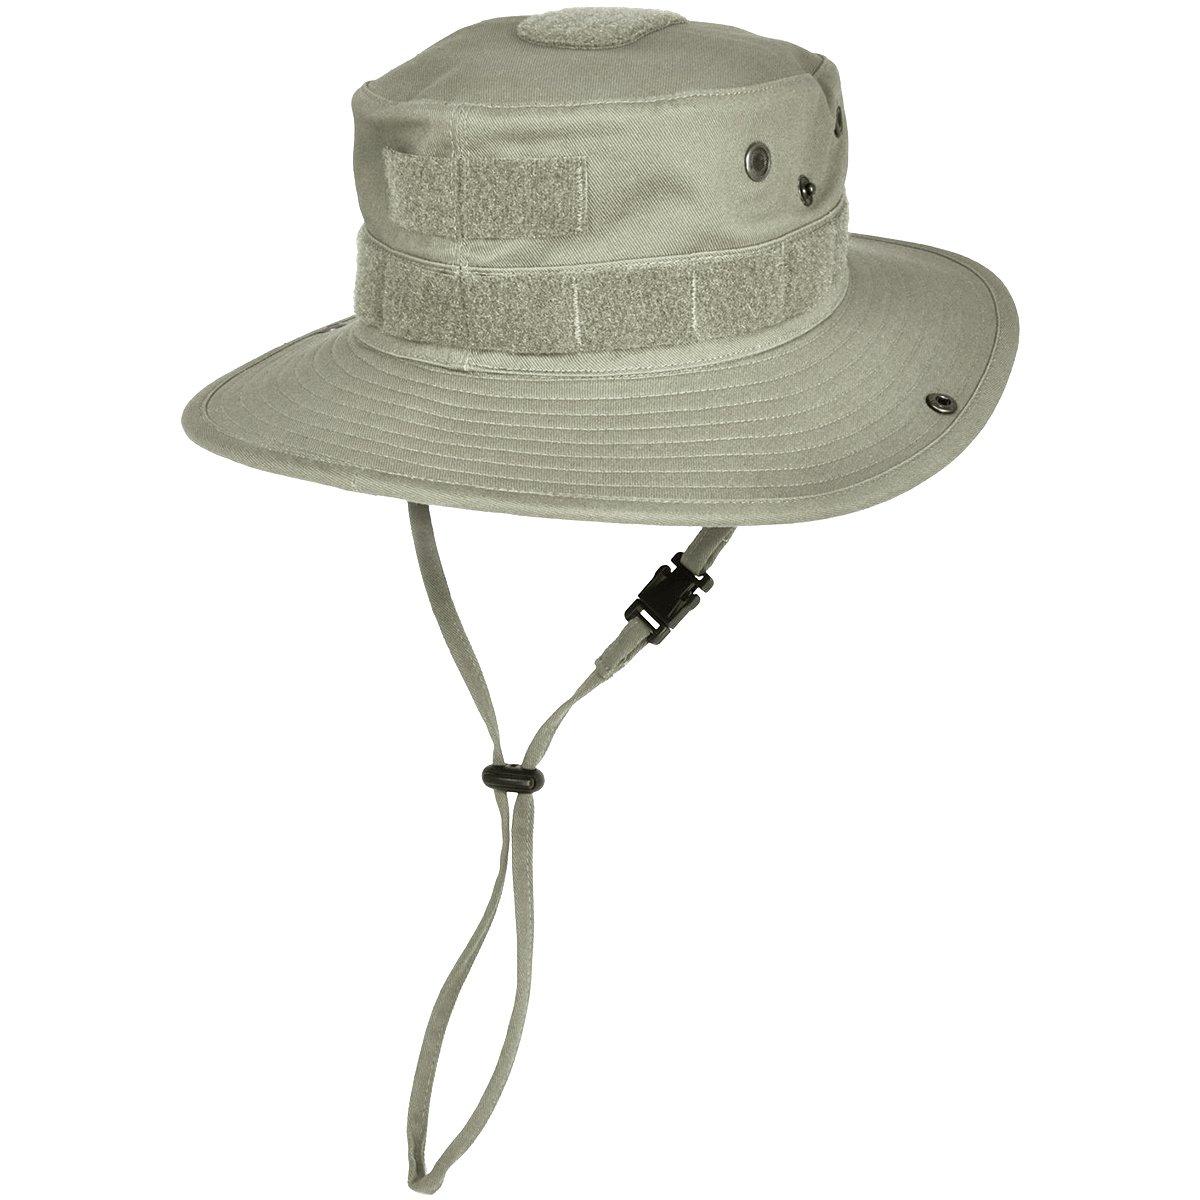 HAZARD 4 SunTac Cotton Boonie Hat with Molle, Desert Khaki, X-Large by HAZARD 4